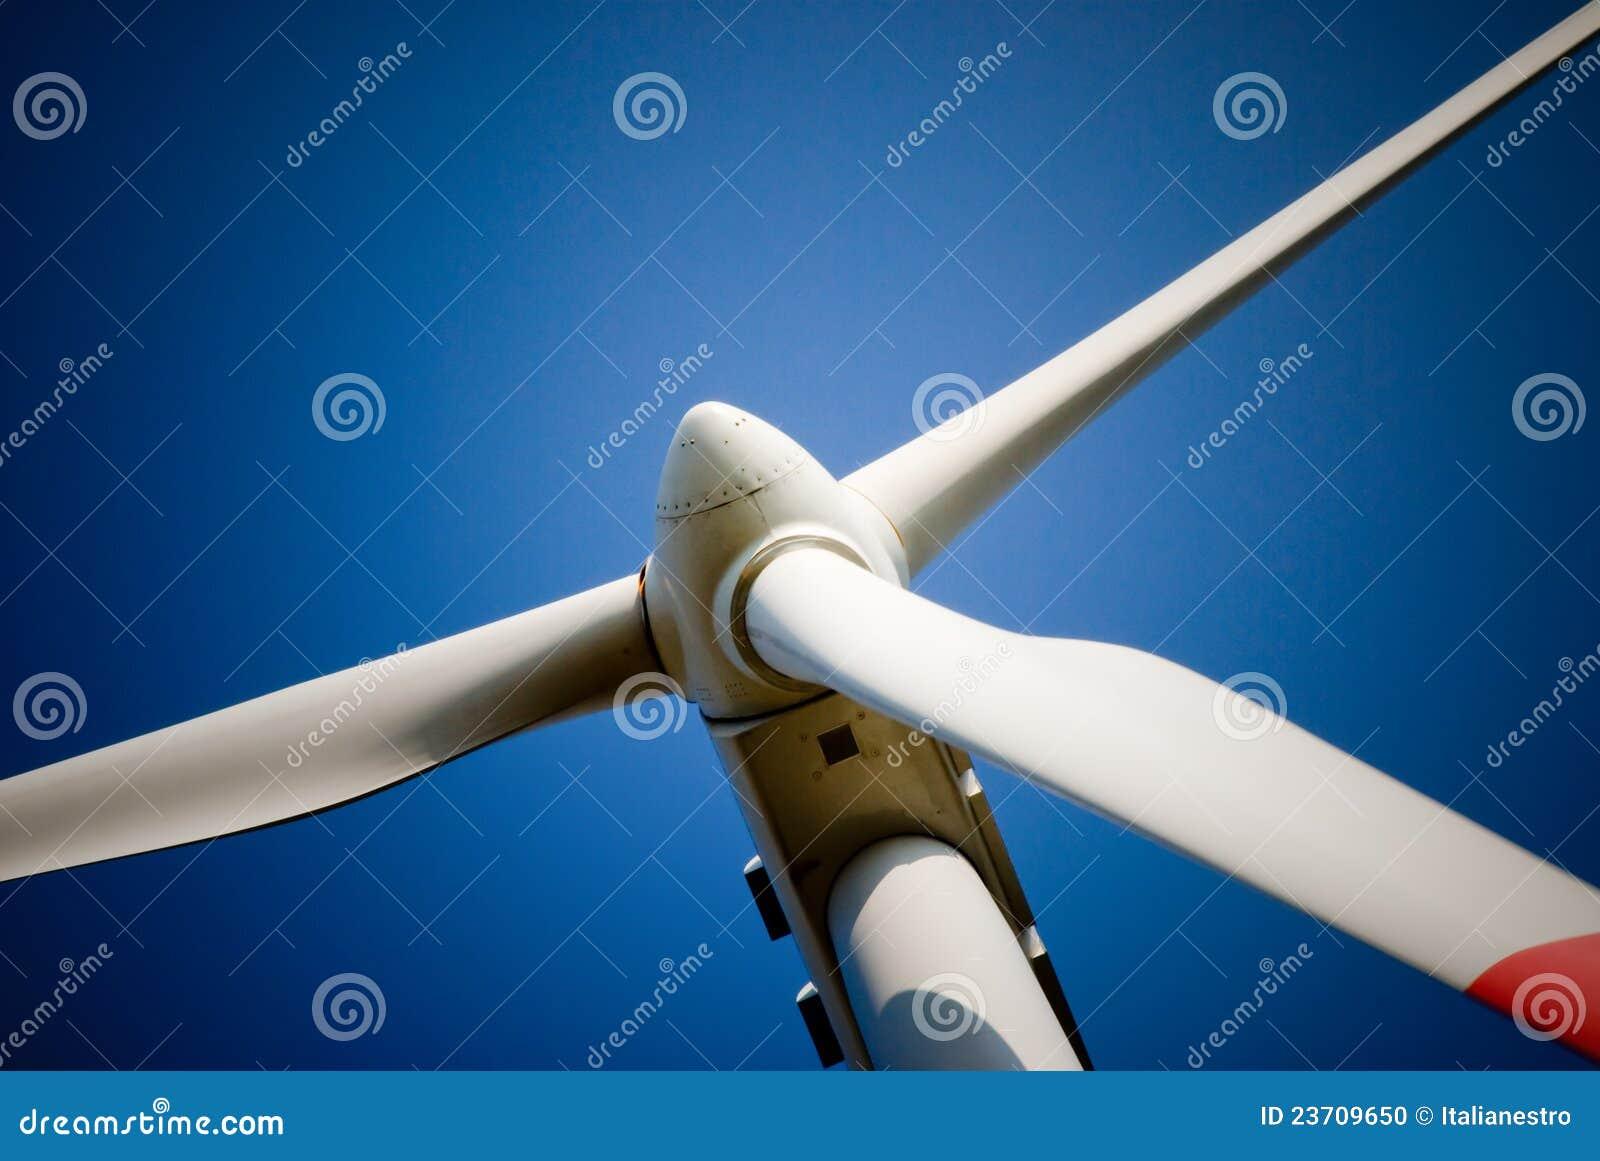 Ostrzy turbina wiatr